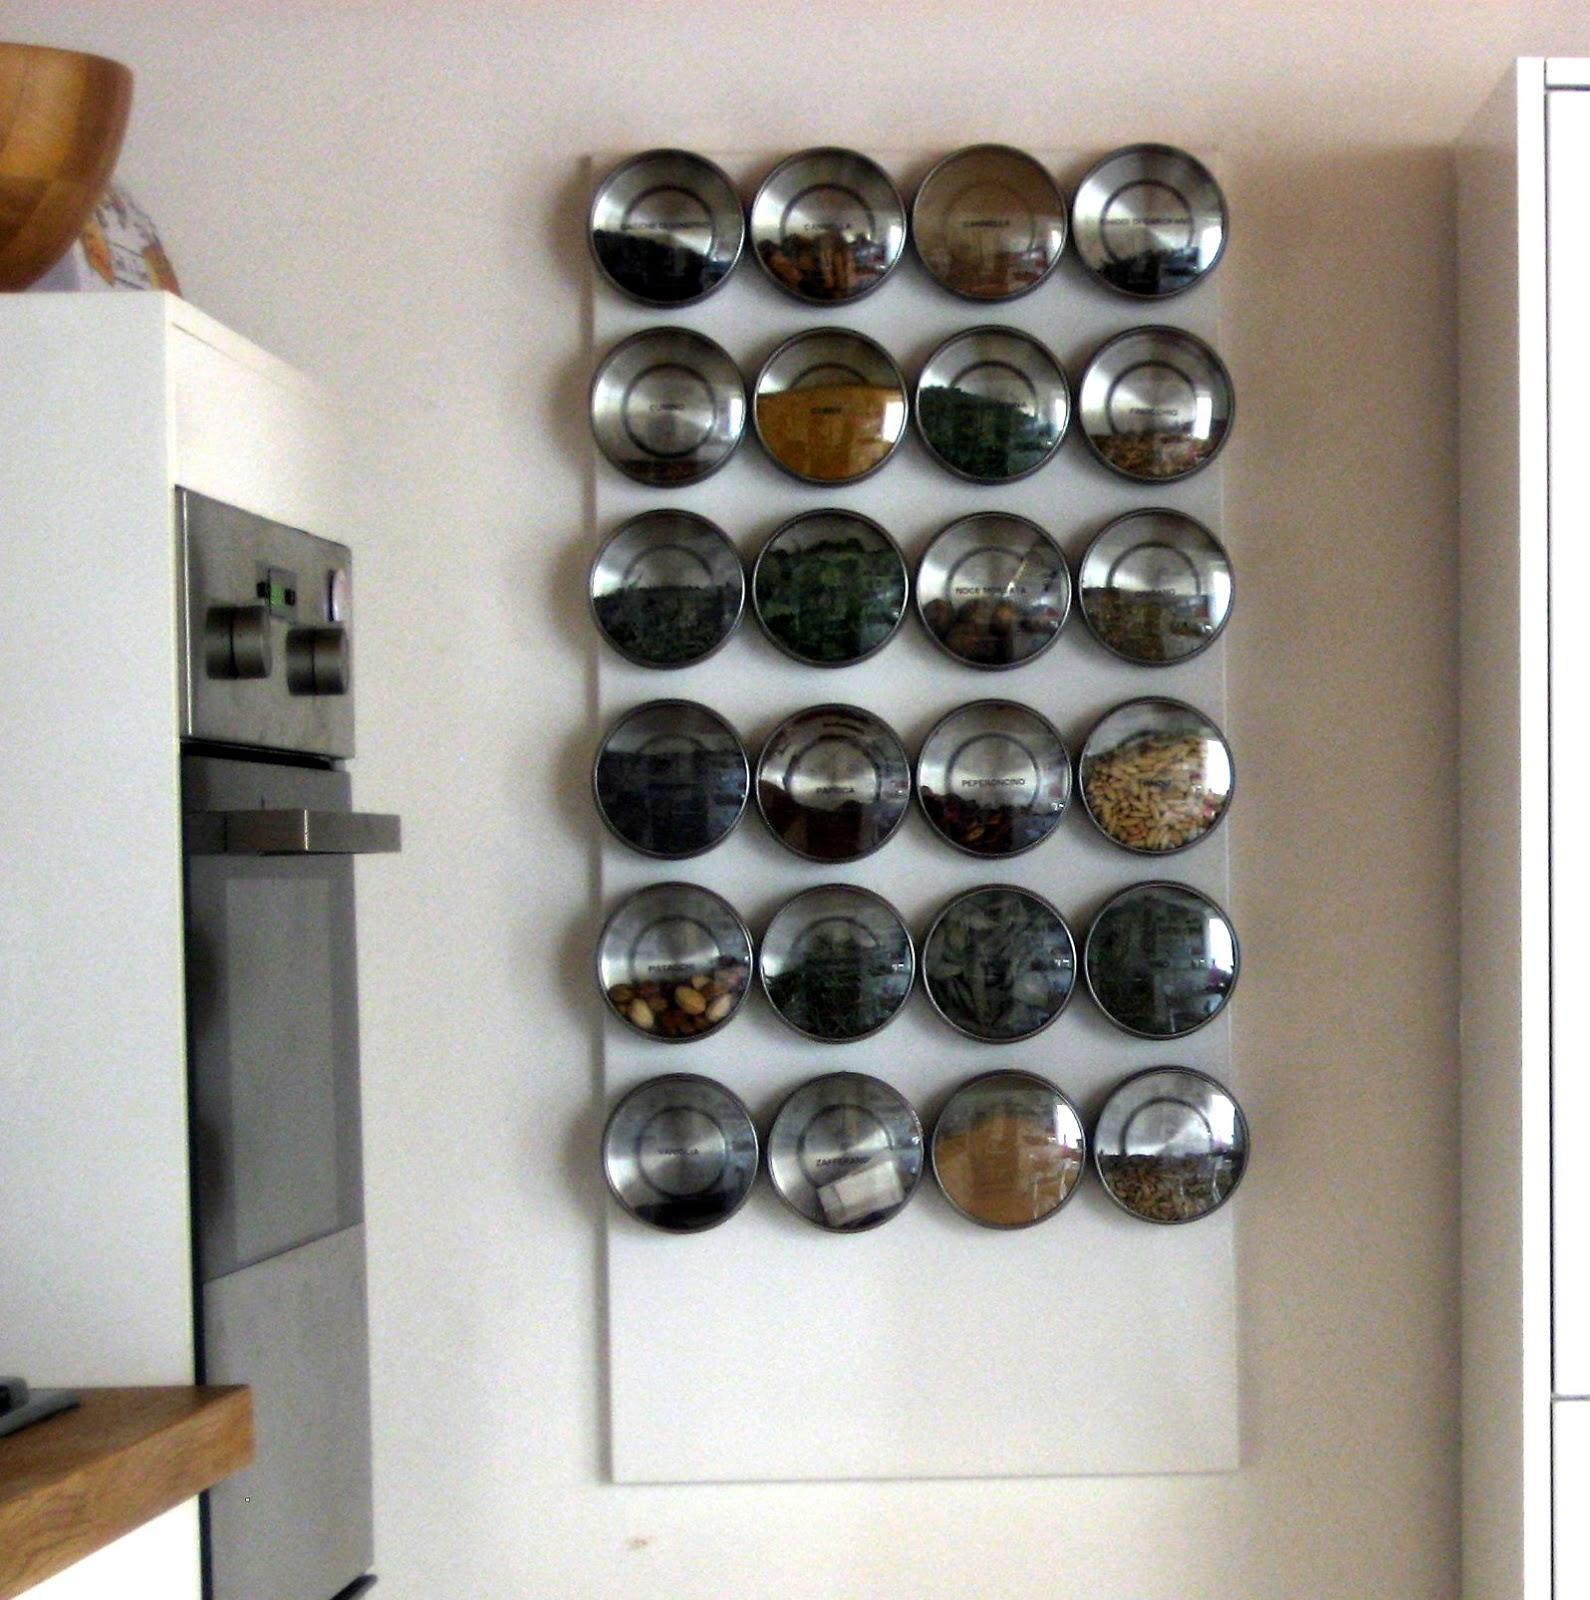 Sorriso a 365 giorni paroladordine organizzare le spezie - Ikea barattoli cucina ...